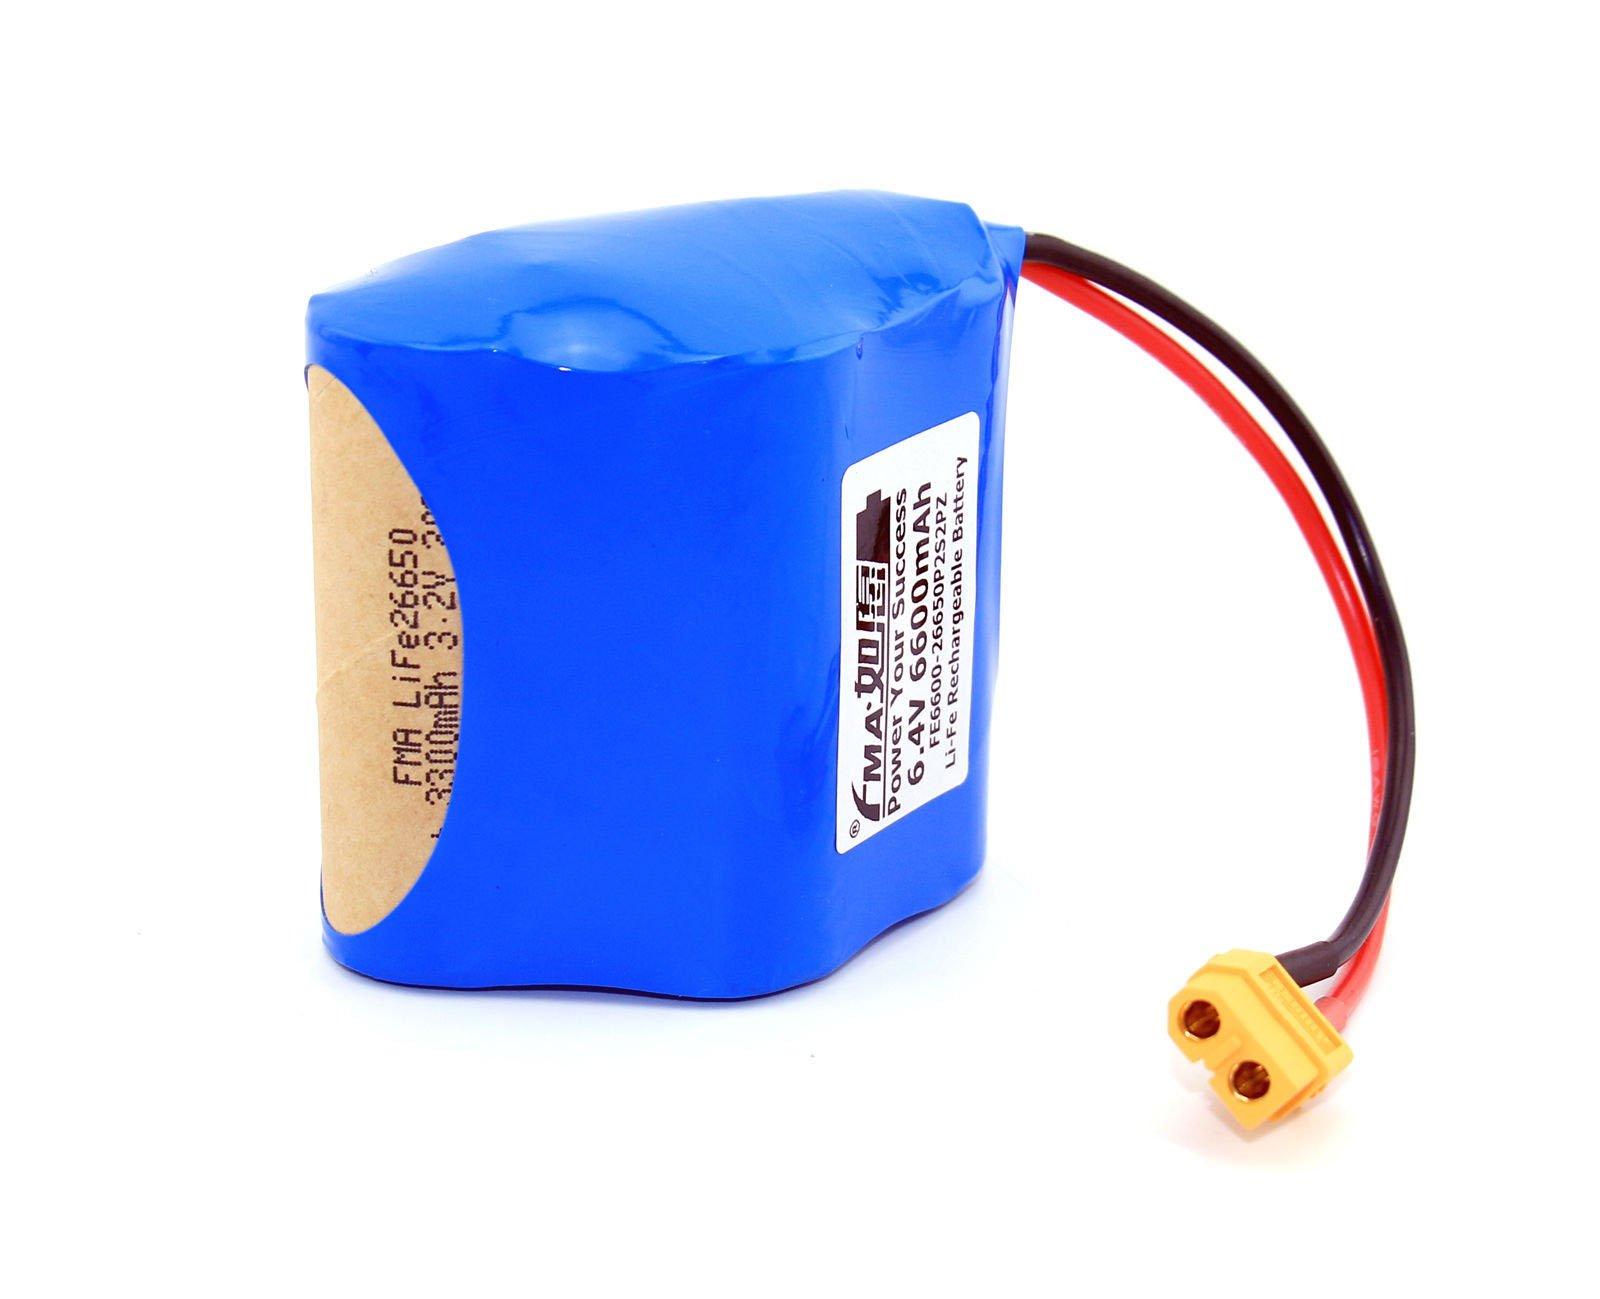 Life Deer Game Feeder Battery 6.4V 6.6Ah Like Sealed Lead Acid 6V Cell 2S2Pz